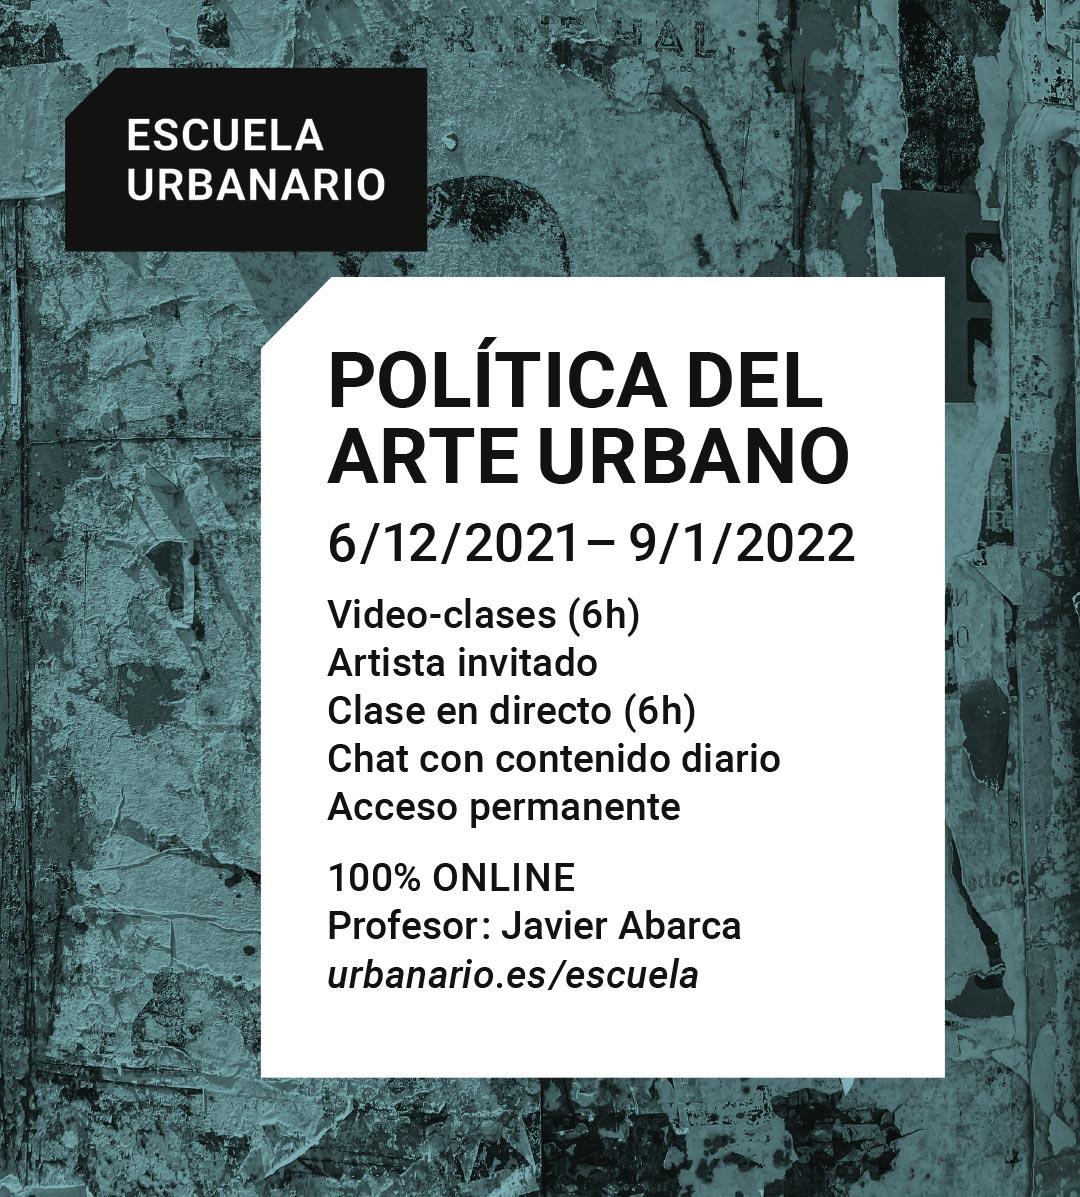 Política del arte urbano - Escuela Urbanario